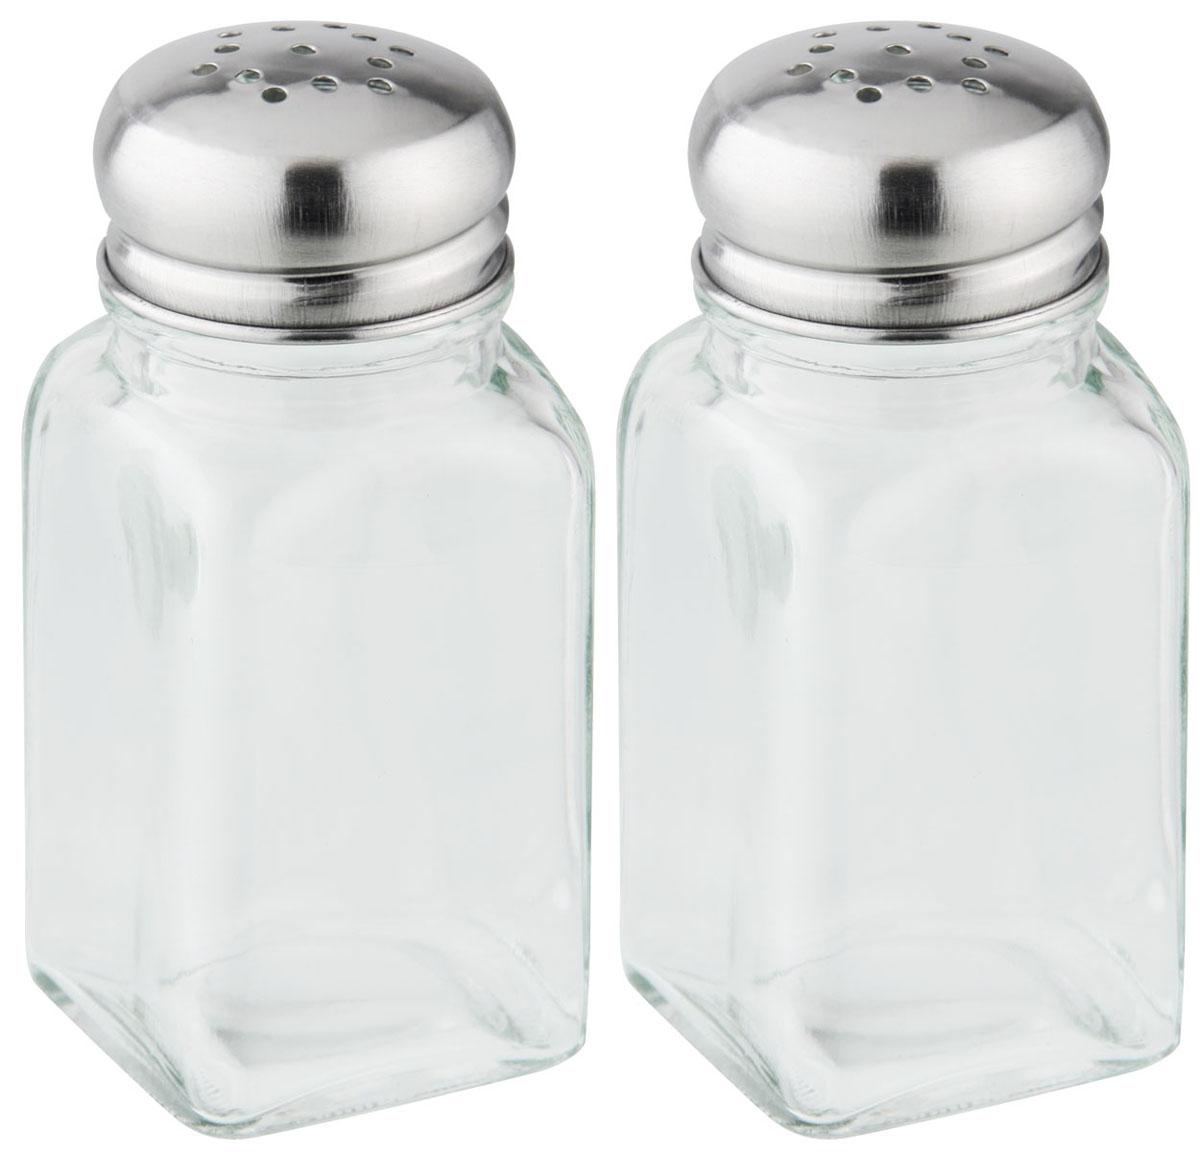 Набор диспенсеров для соли, перца, 9,5см46870Предназначен для сервировки стола и хранения специй